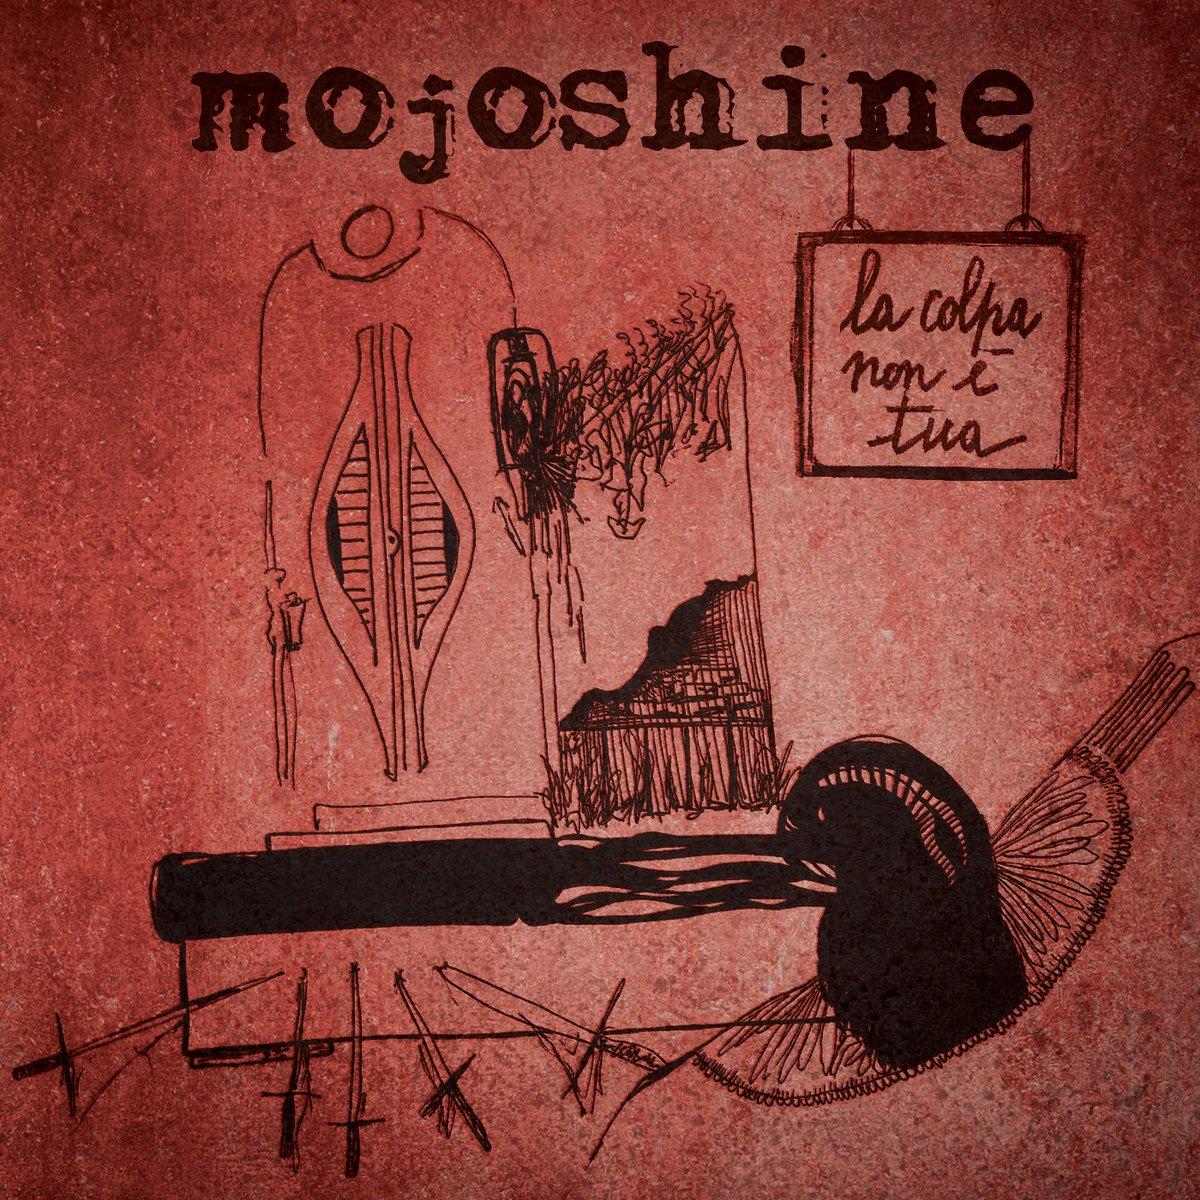 mojoshine